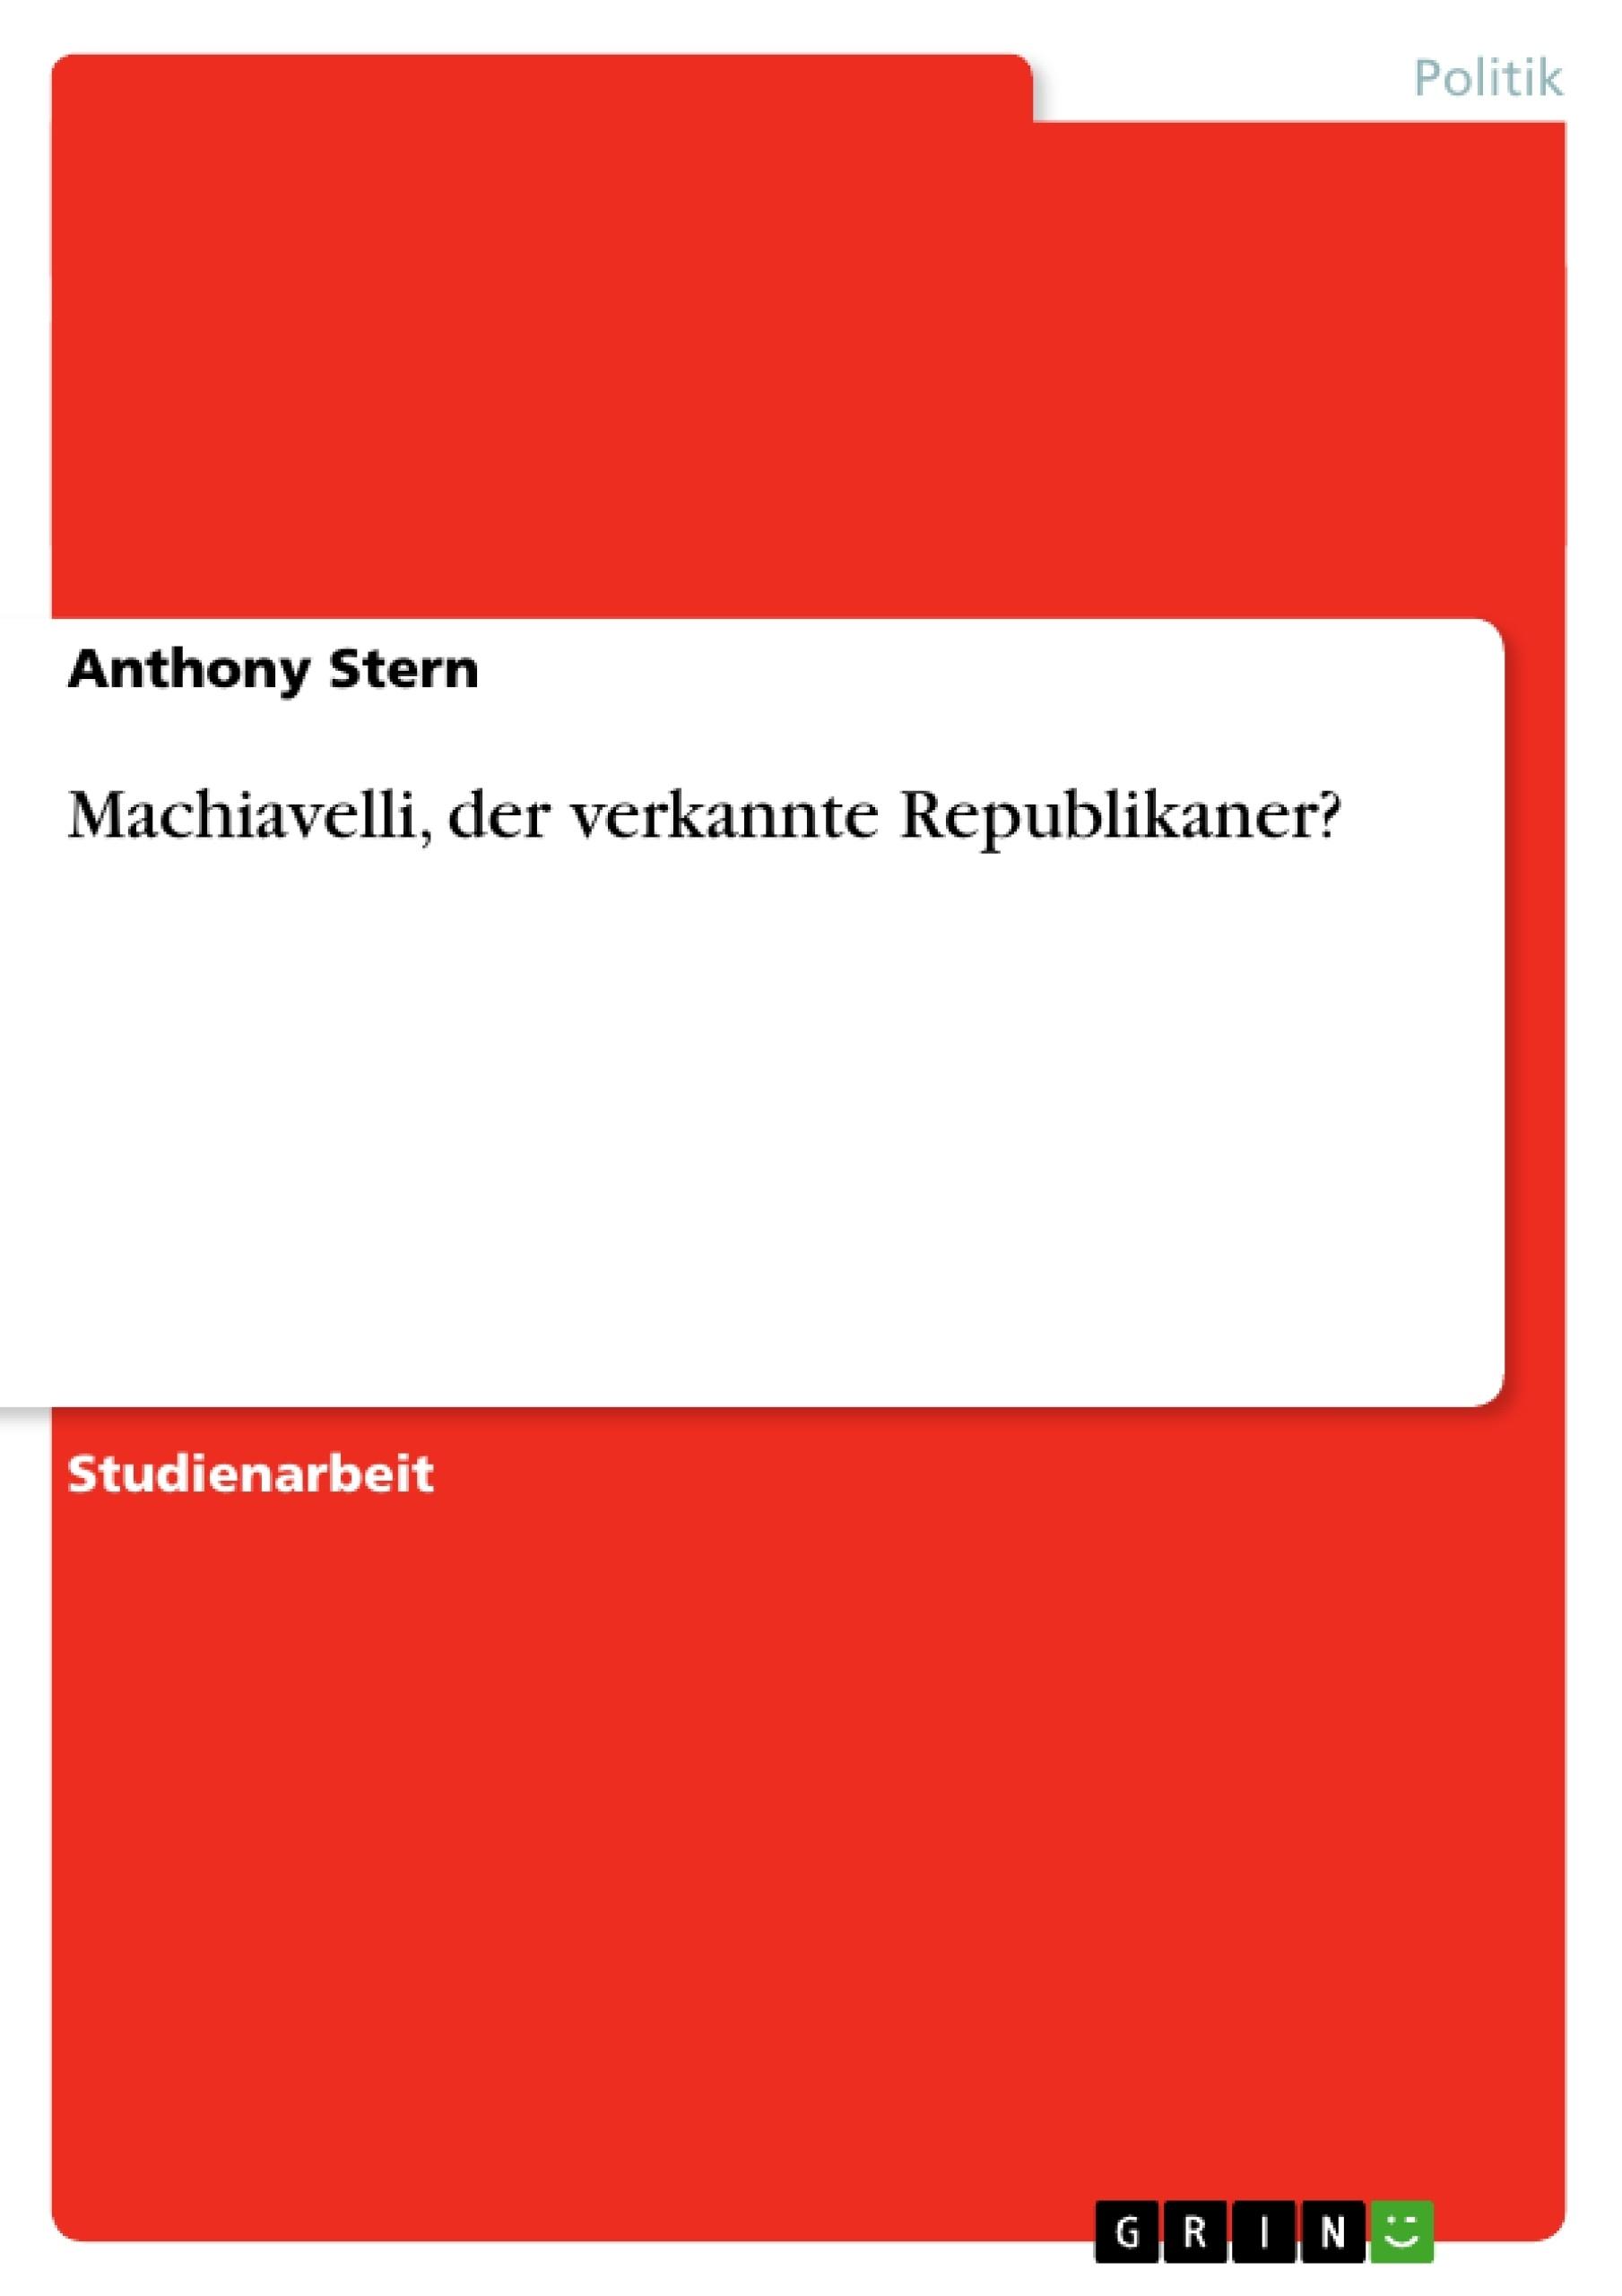 Titel: Machiavelli, der verkannte Republikaner?